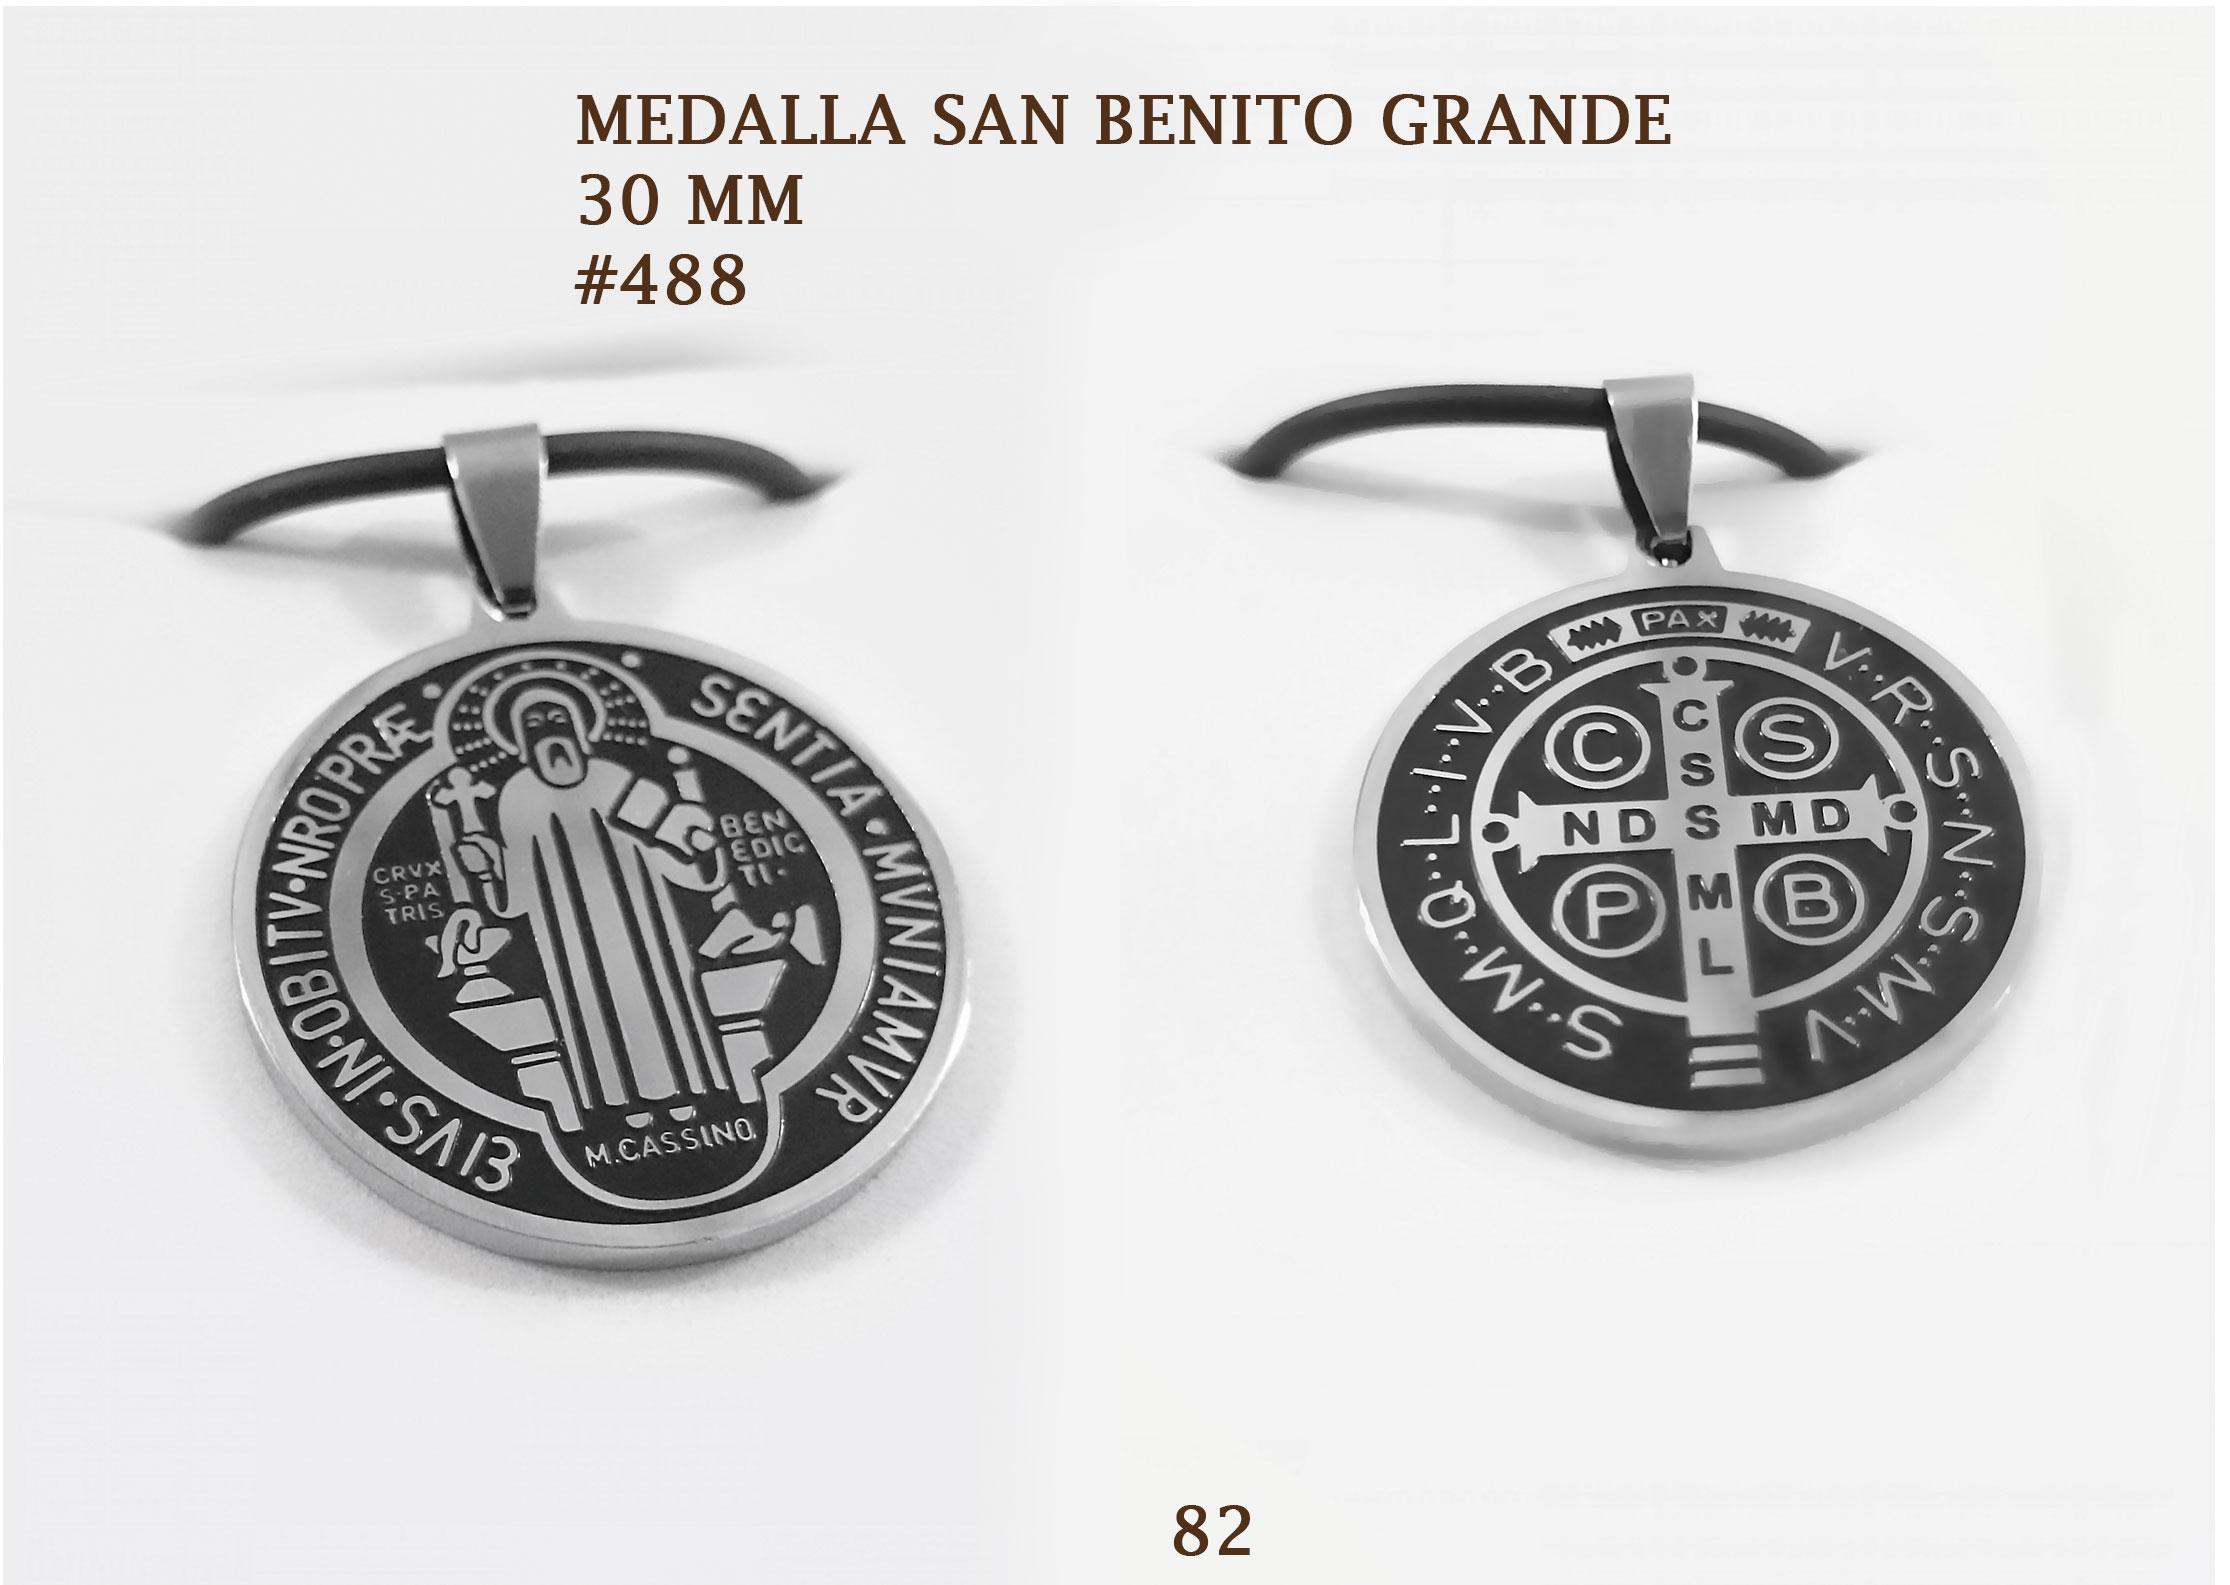 488 MEDALLA SAN BENITO